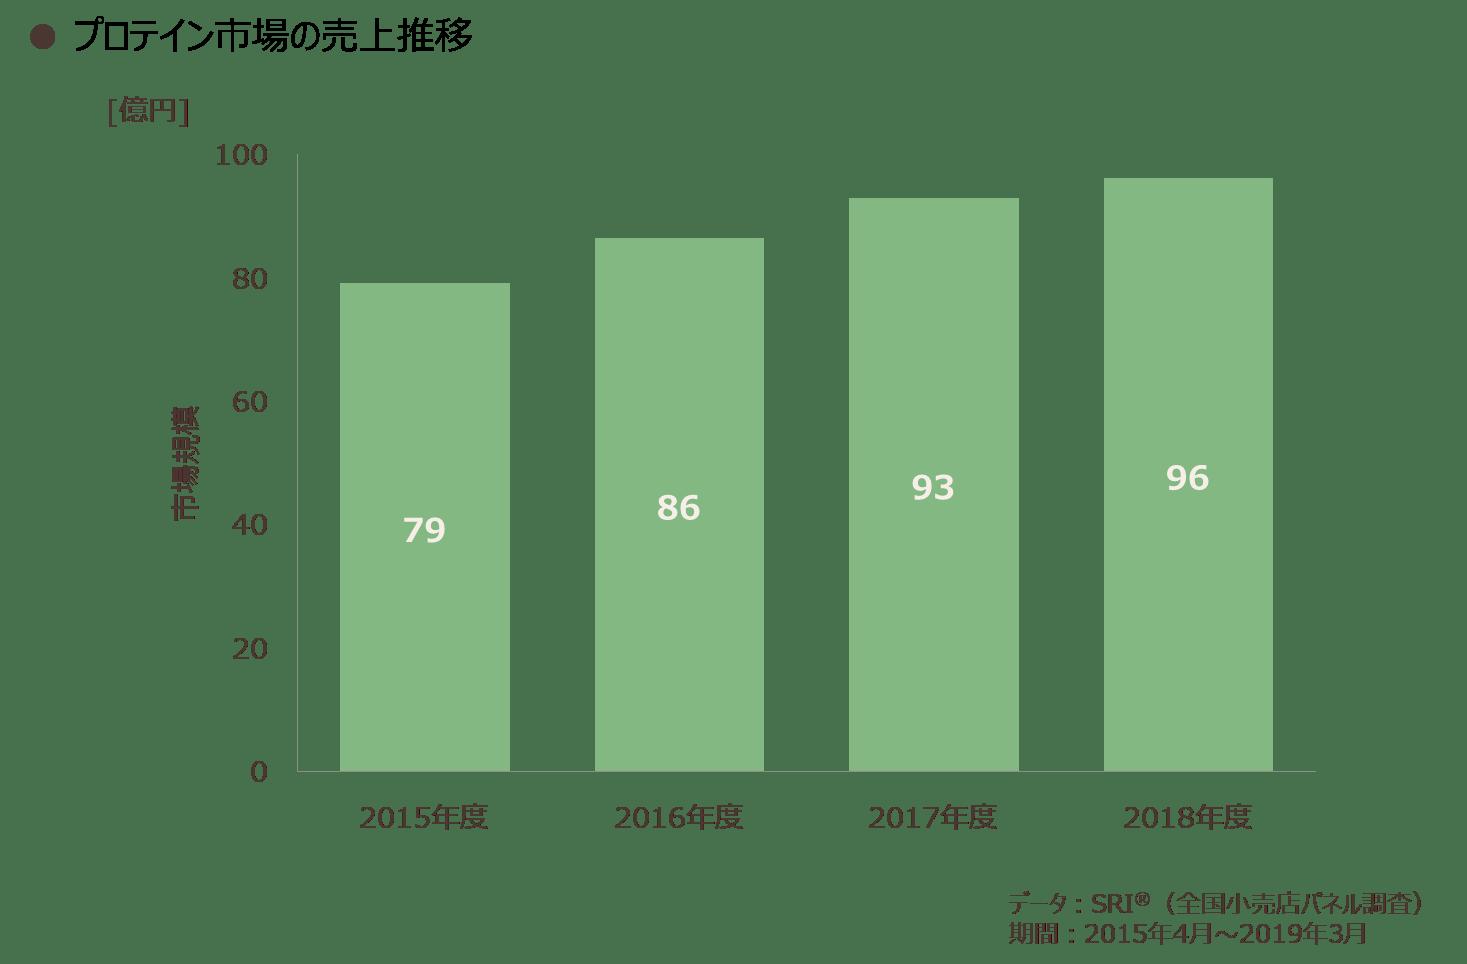 プロテイン市場の売上推移